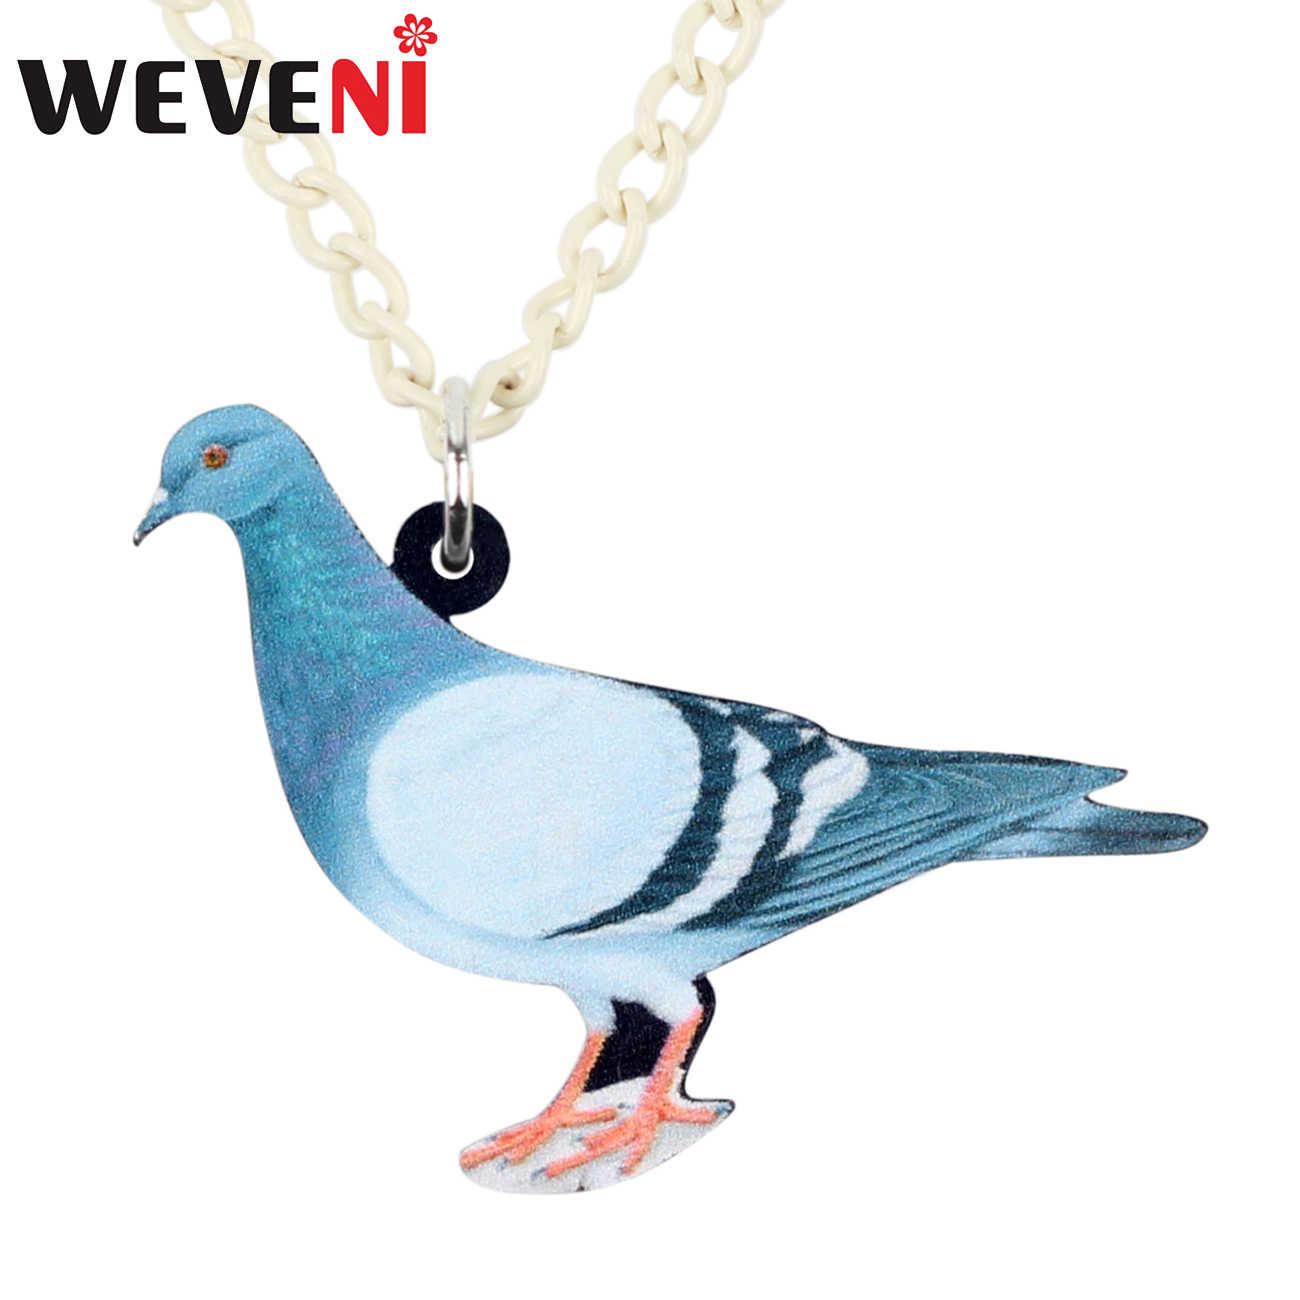 WEVENI อะคริลิคสีฟ้า Dove Pigeon Bird สร้อยคอจี้ Collier แฟชั่นสัตว์เครื่องประดับสำหรับหญิงสาววัยรุ่นของขวัญอุปกรณ์เสริม